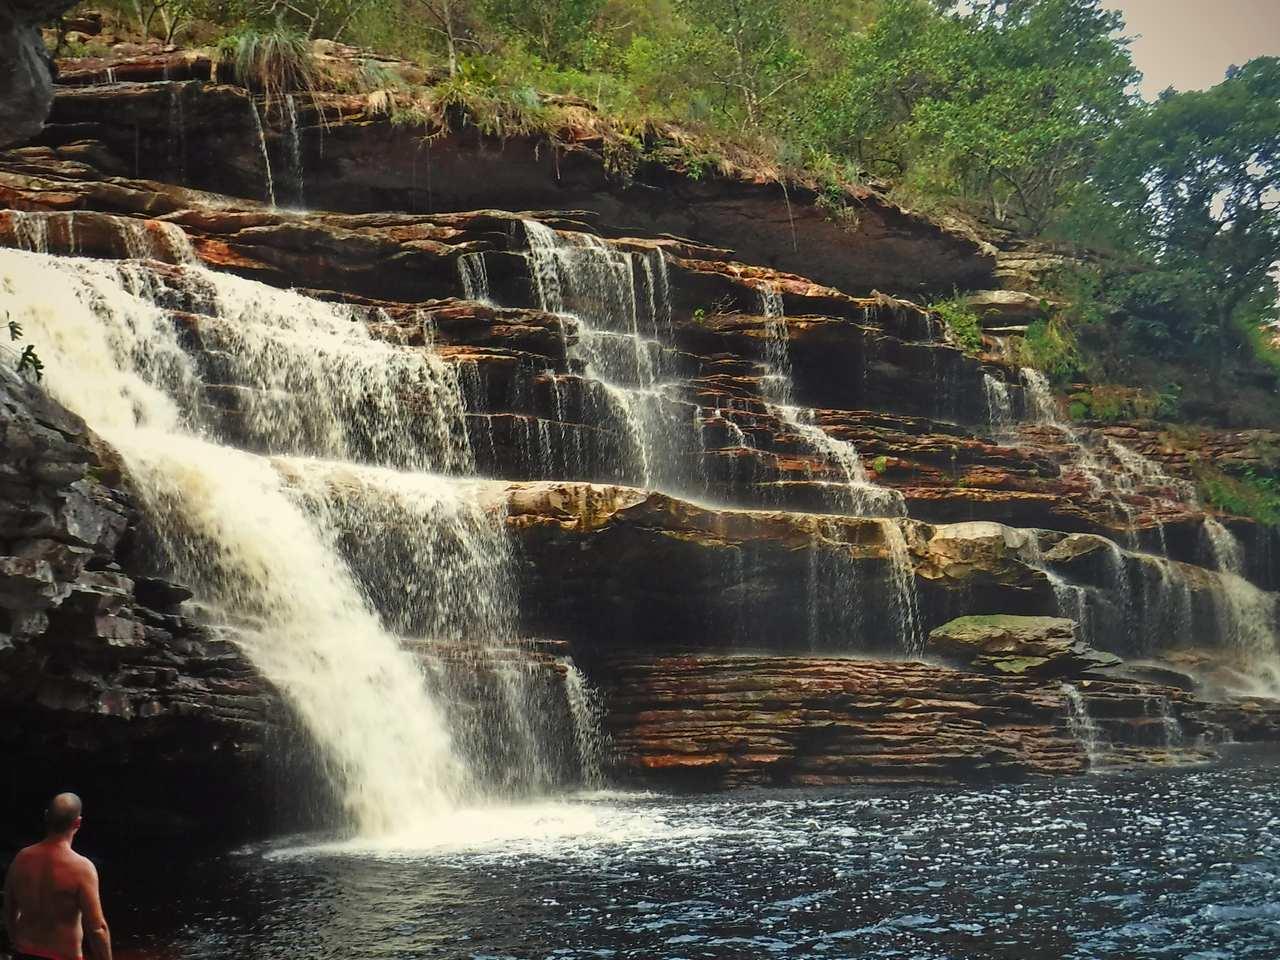 Cachoeira da Capivara, Chapada Diamantina, Brazil (2)